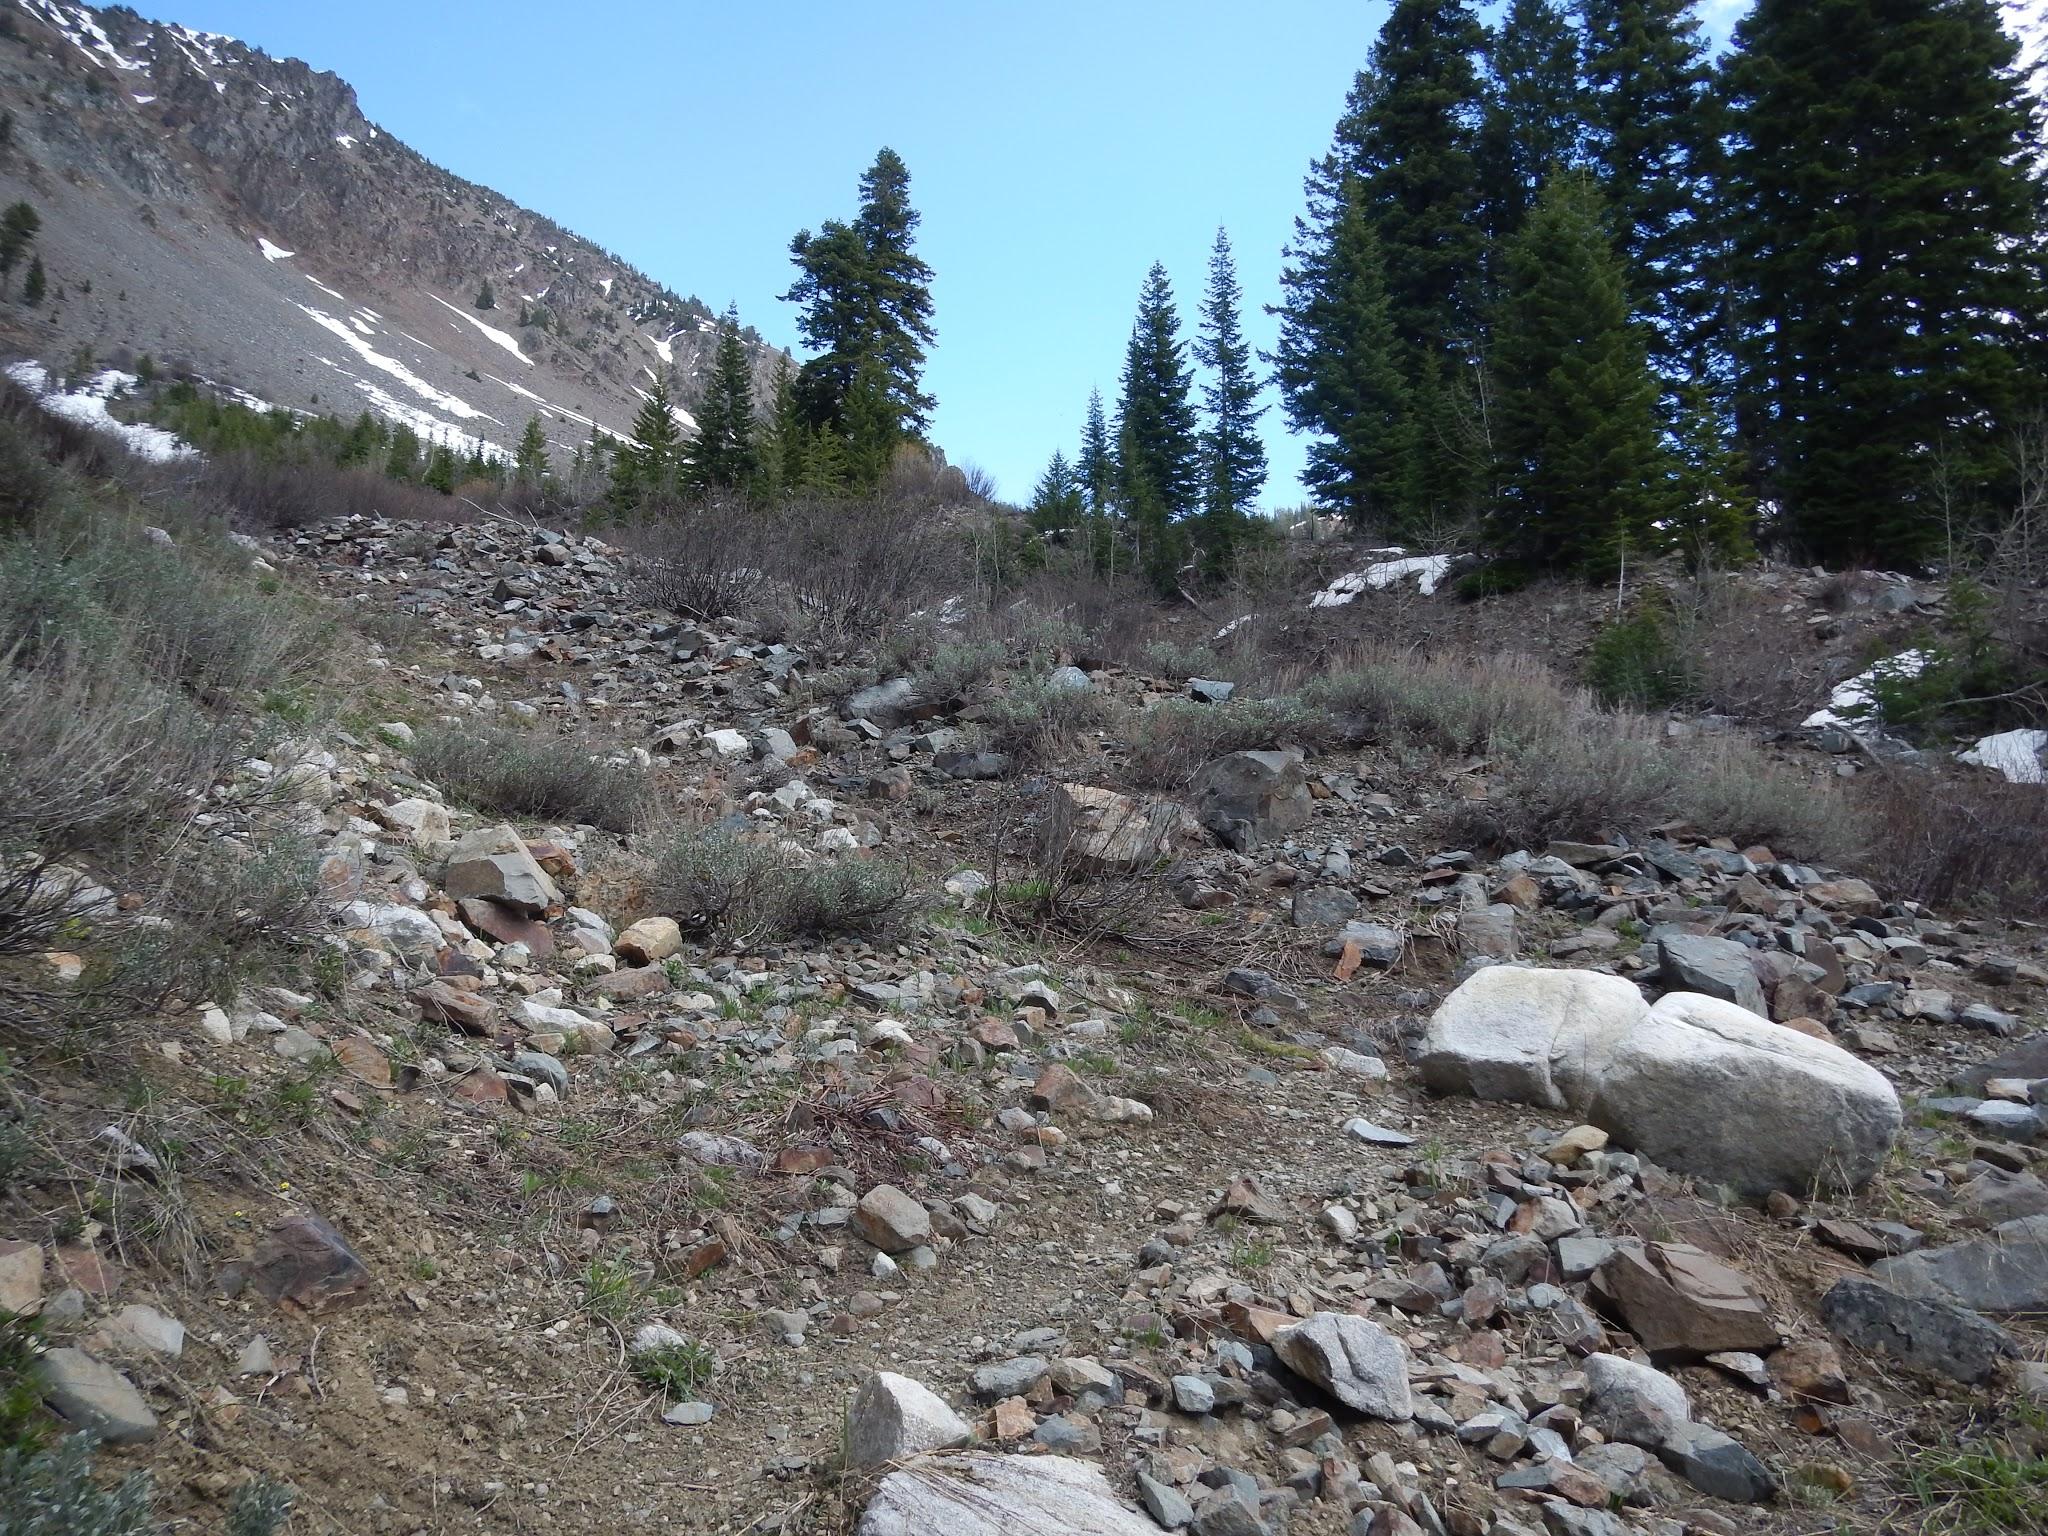 Photo: The trail climbs onto a rocky plateau